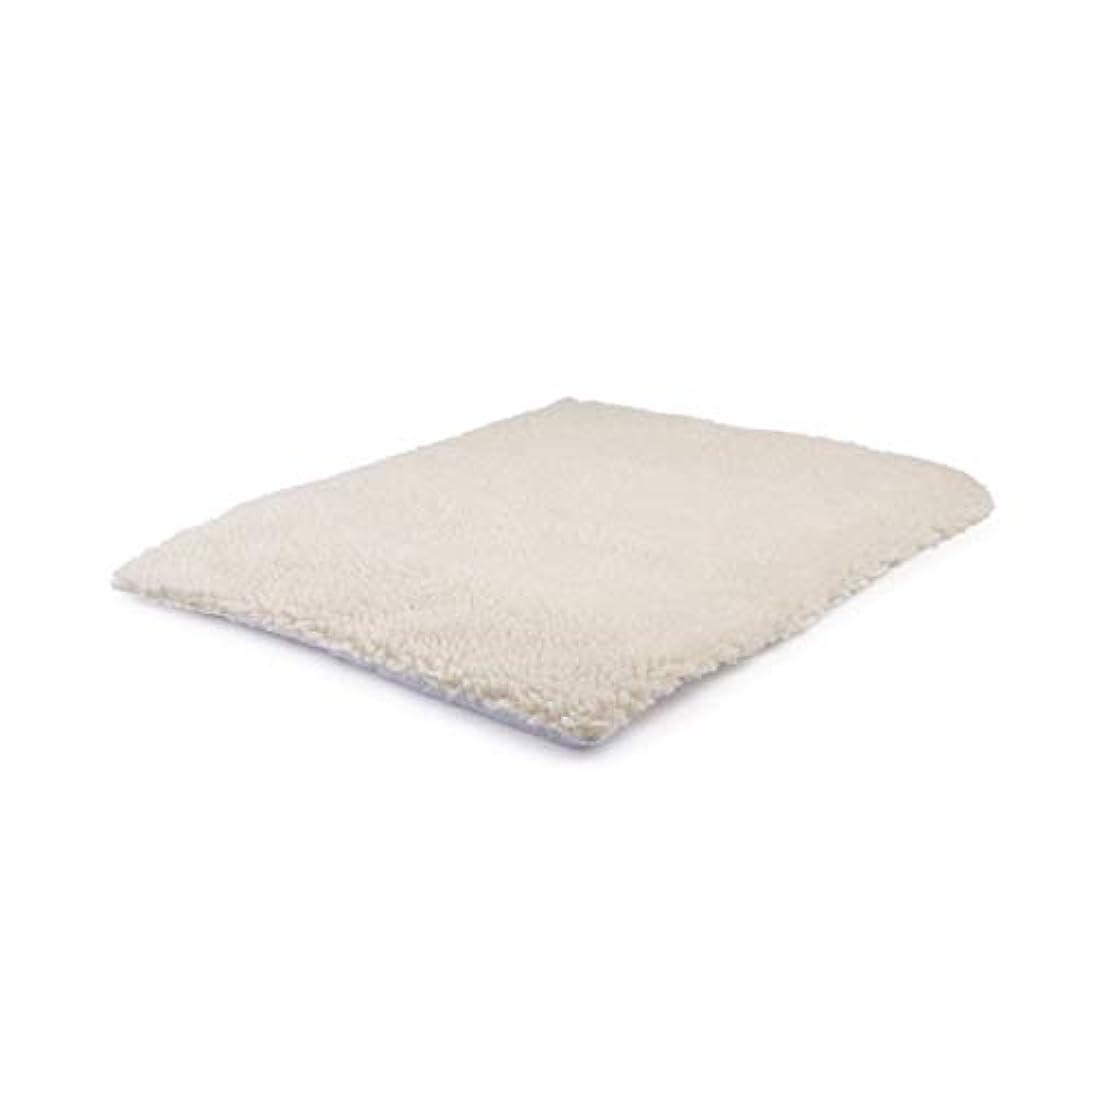 同一性チキン勤勉Saikogoods 自己発熱ペット毛布 ペットベッド ウォッシャブル ノーエレクトリック スーパーソフト 子犬子猫毛布 ベッドマット ベージュ 640×460mm